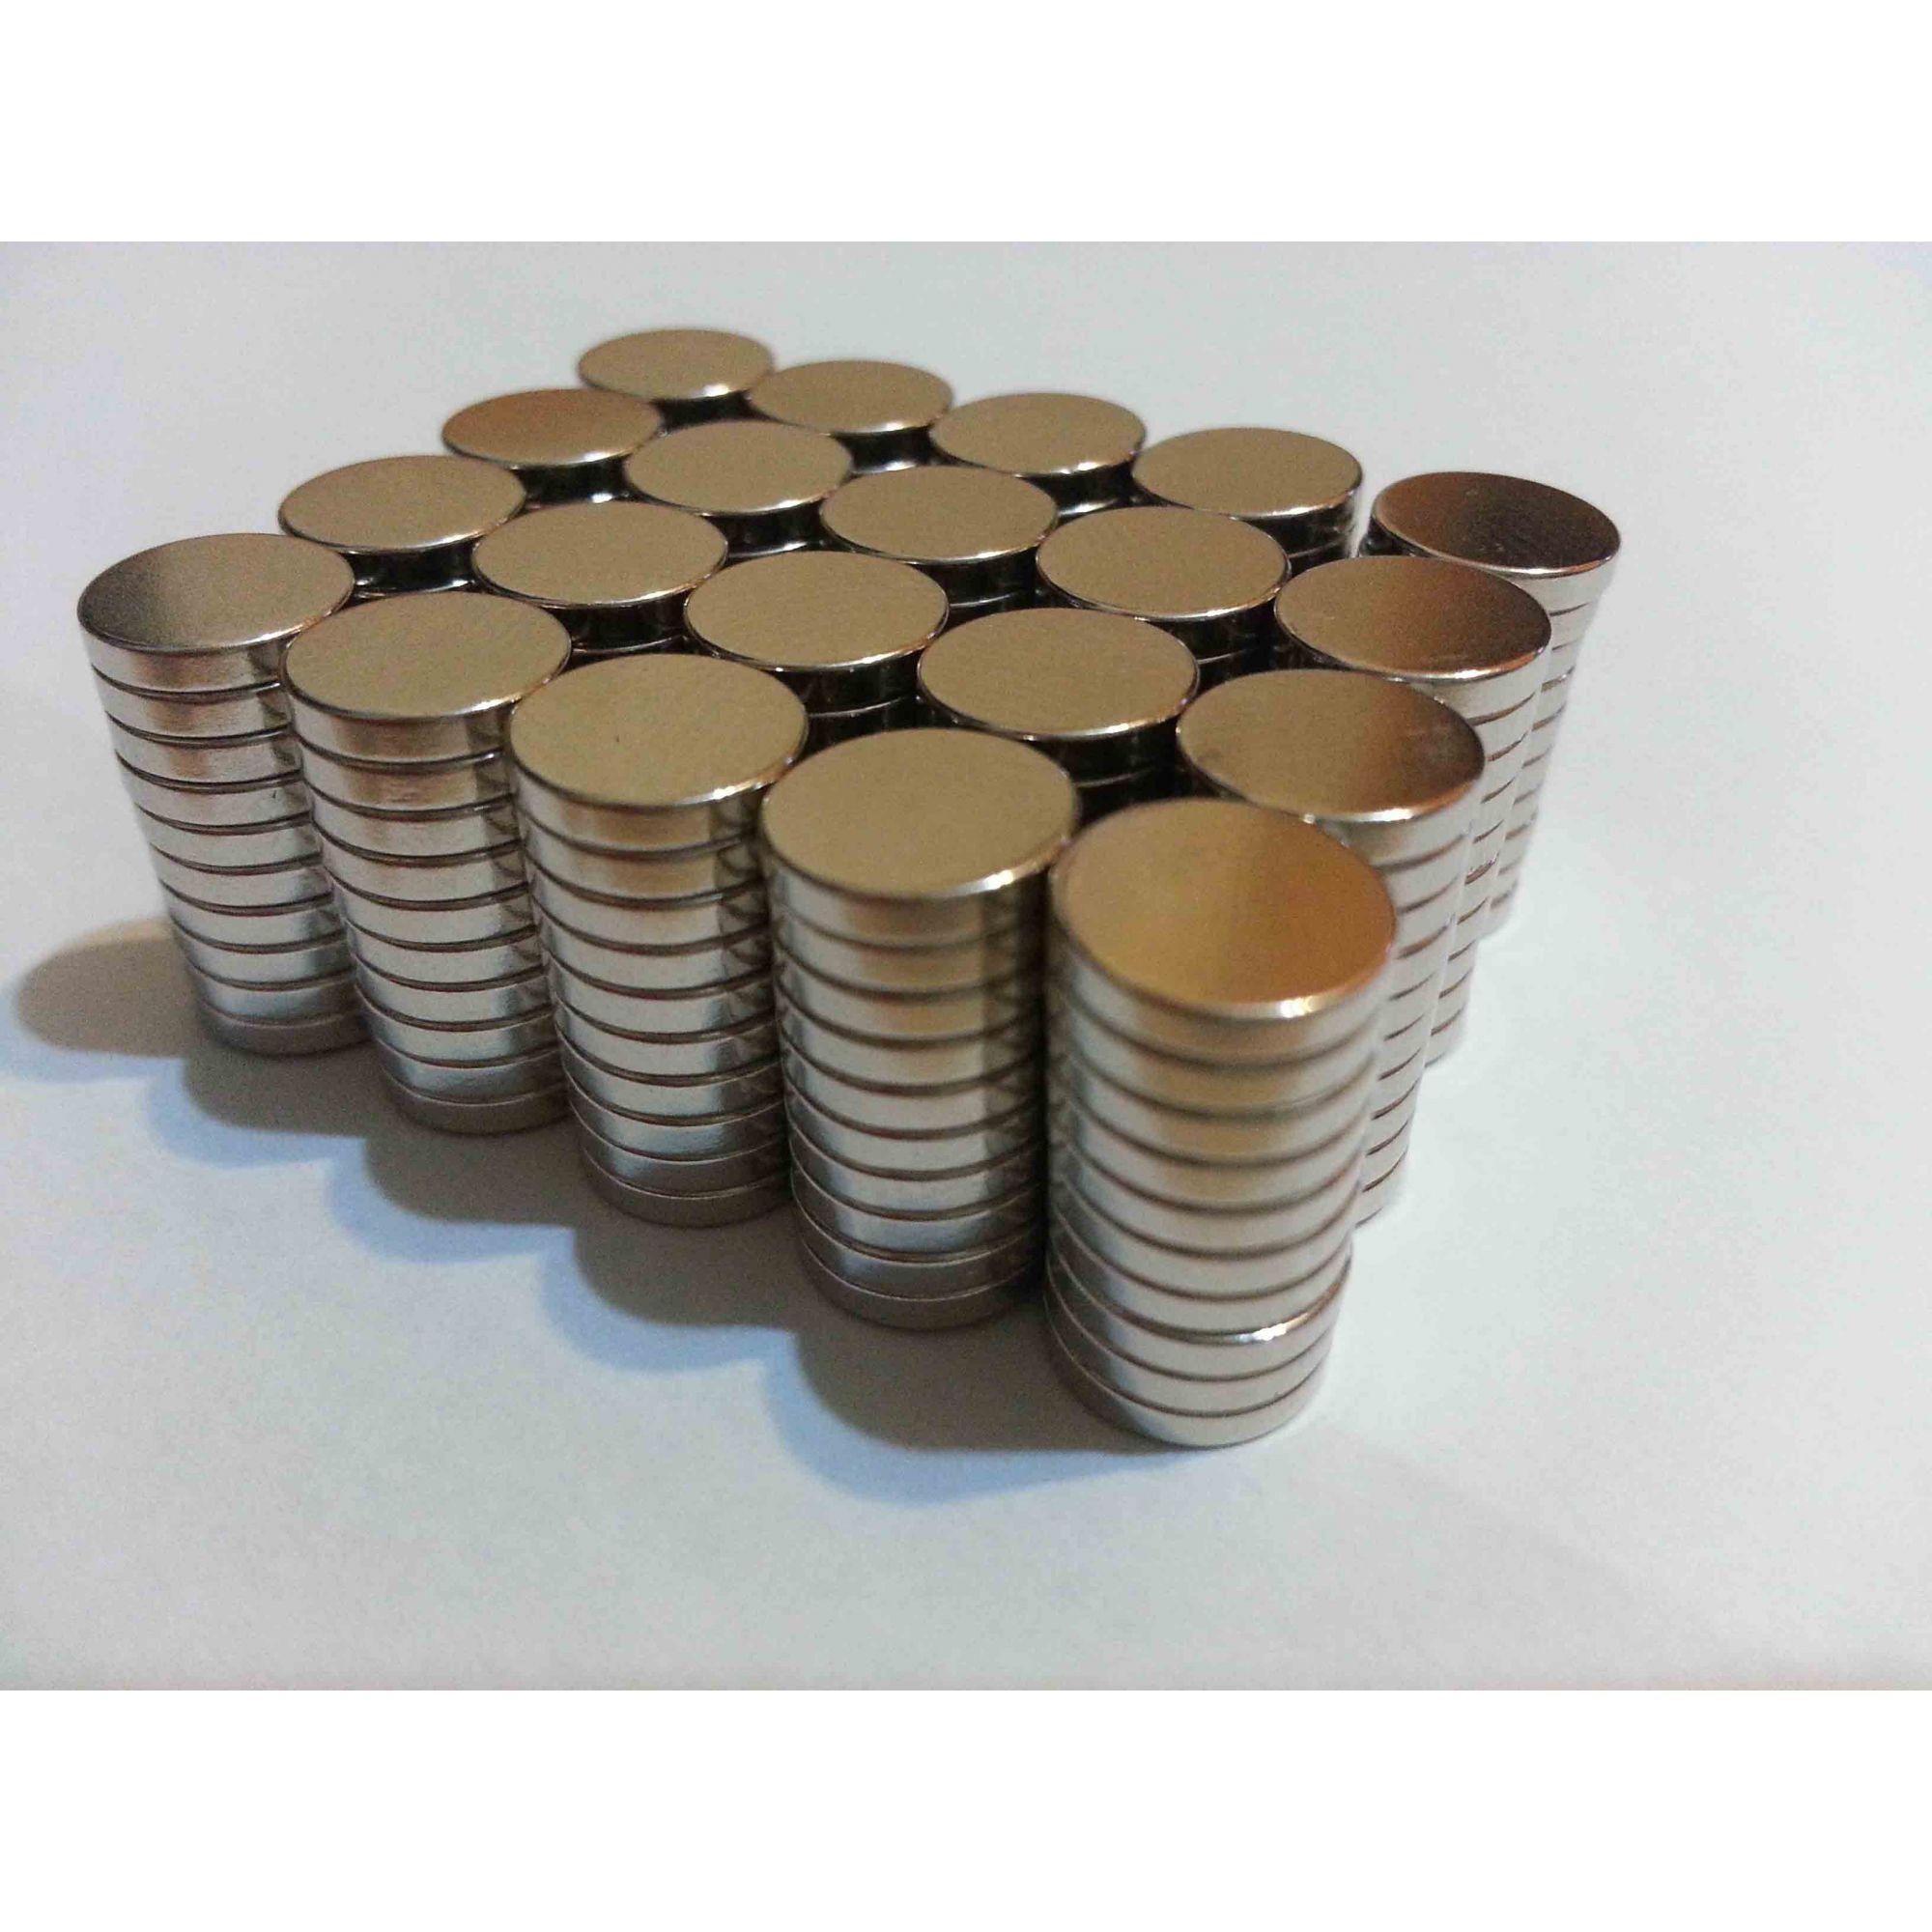 Imã De Neodímio 50 Peças - 8mm X 1,5mm - Super Forte